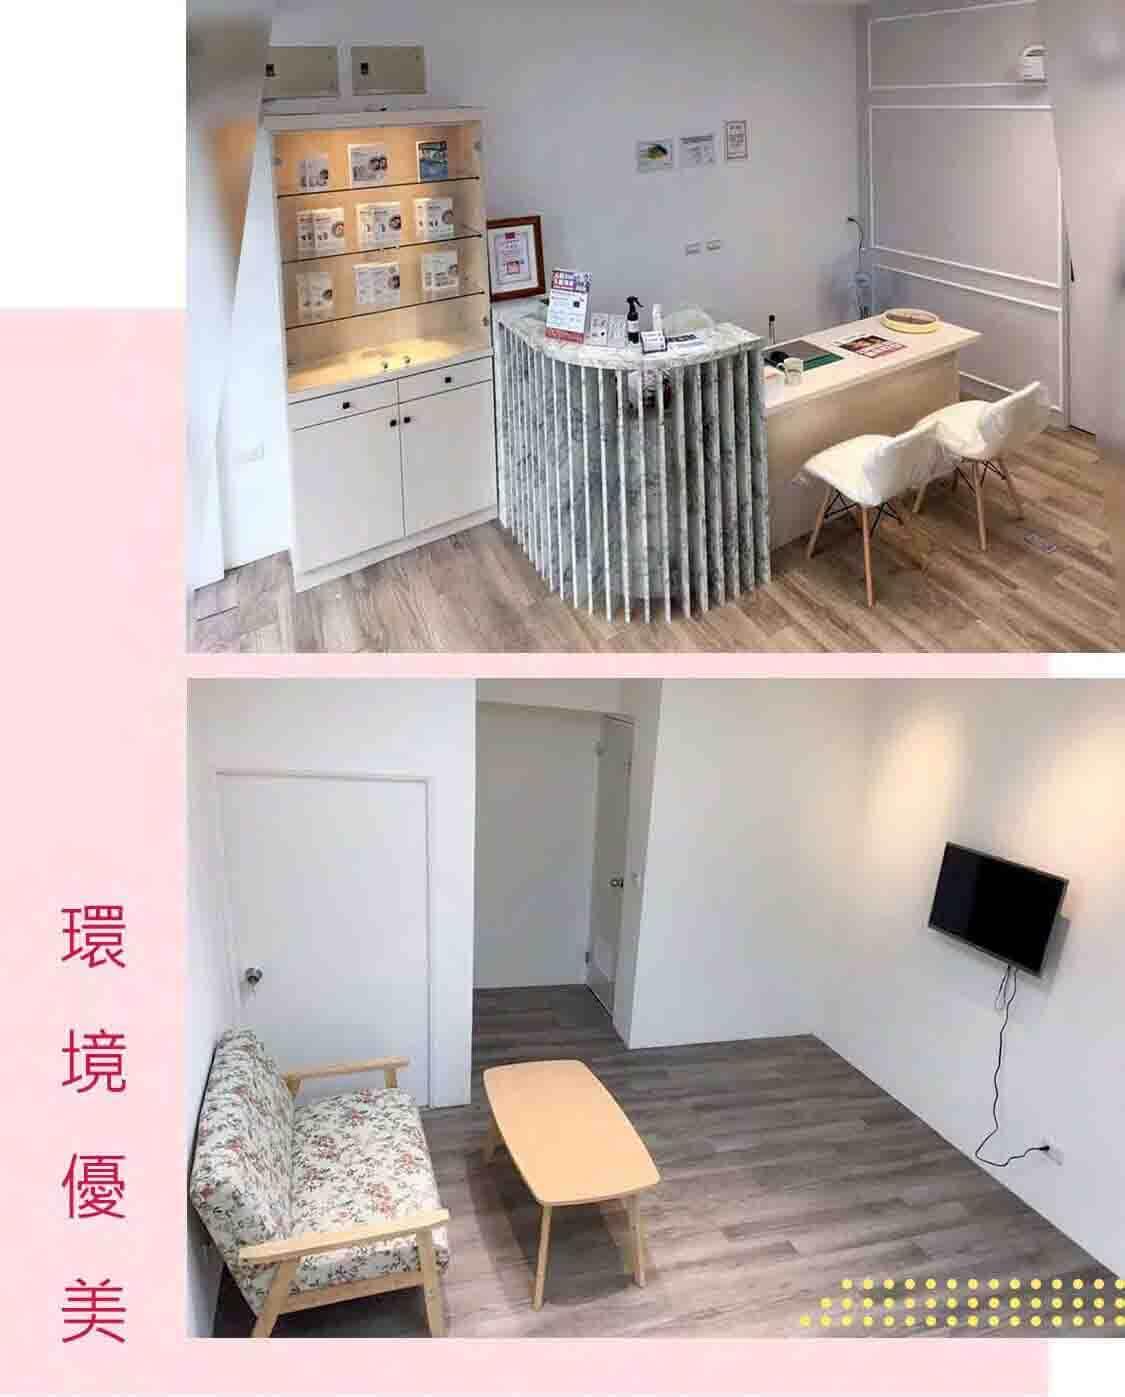 元健助聽器花蓮中山門市室內環境裝潢風格溫馨優美有助於貴賓放鬆心情